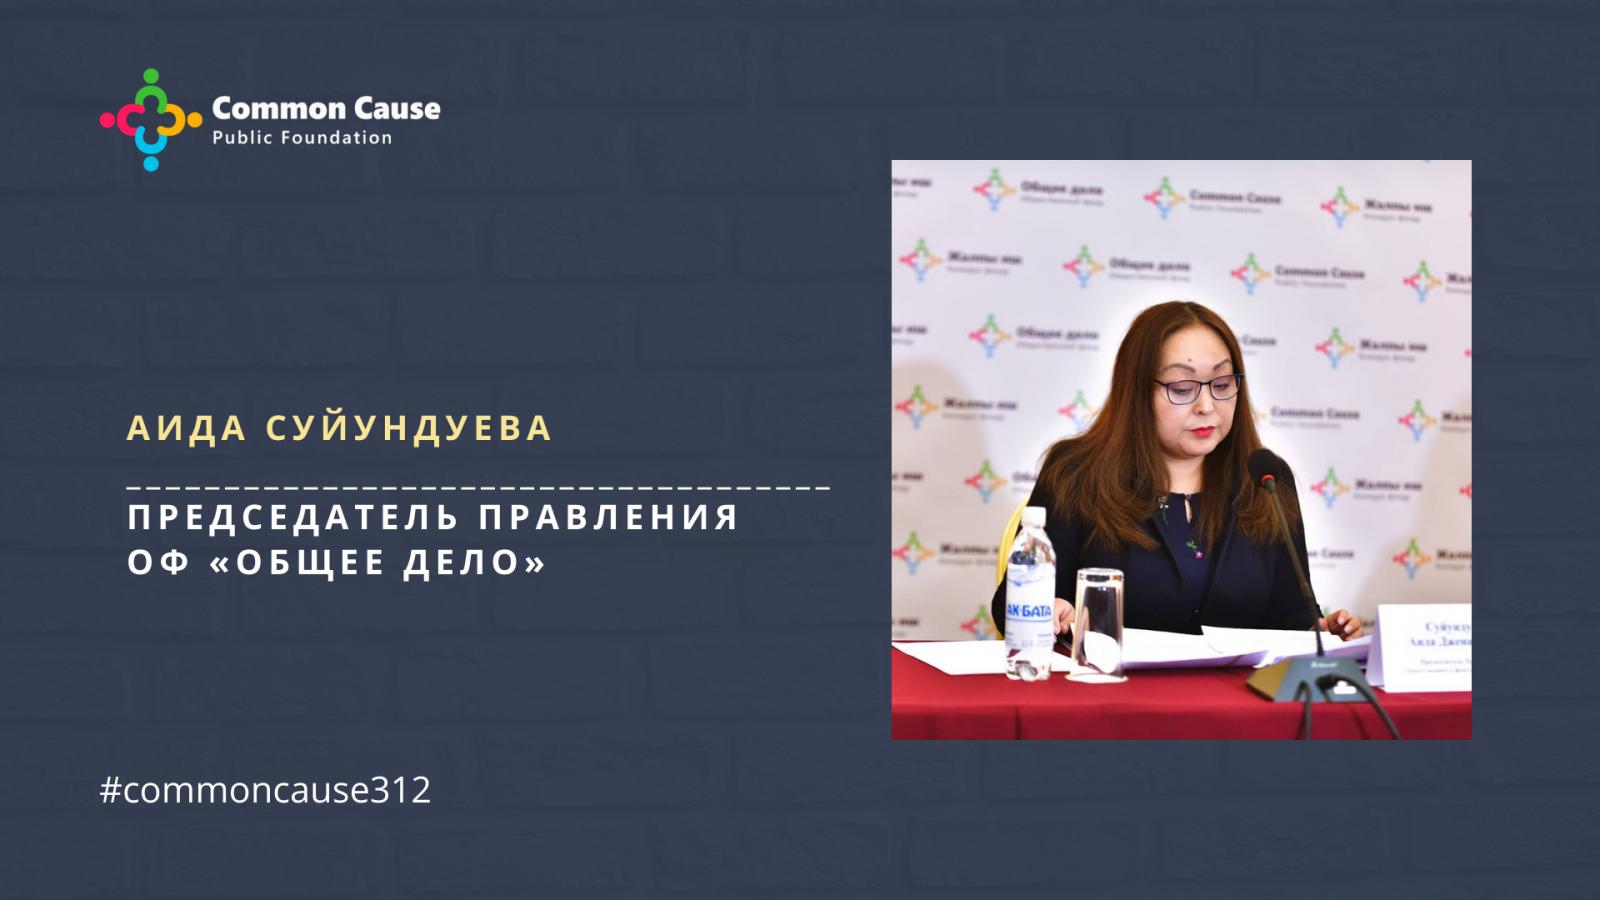 Общественный фонд «Общее дело» 11 января в 13:00 проведет пресс-конференцию